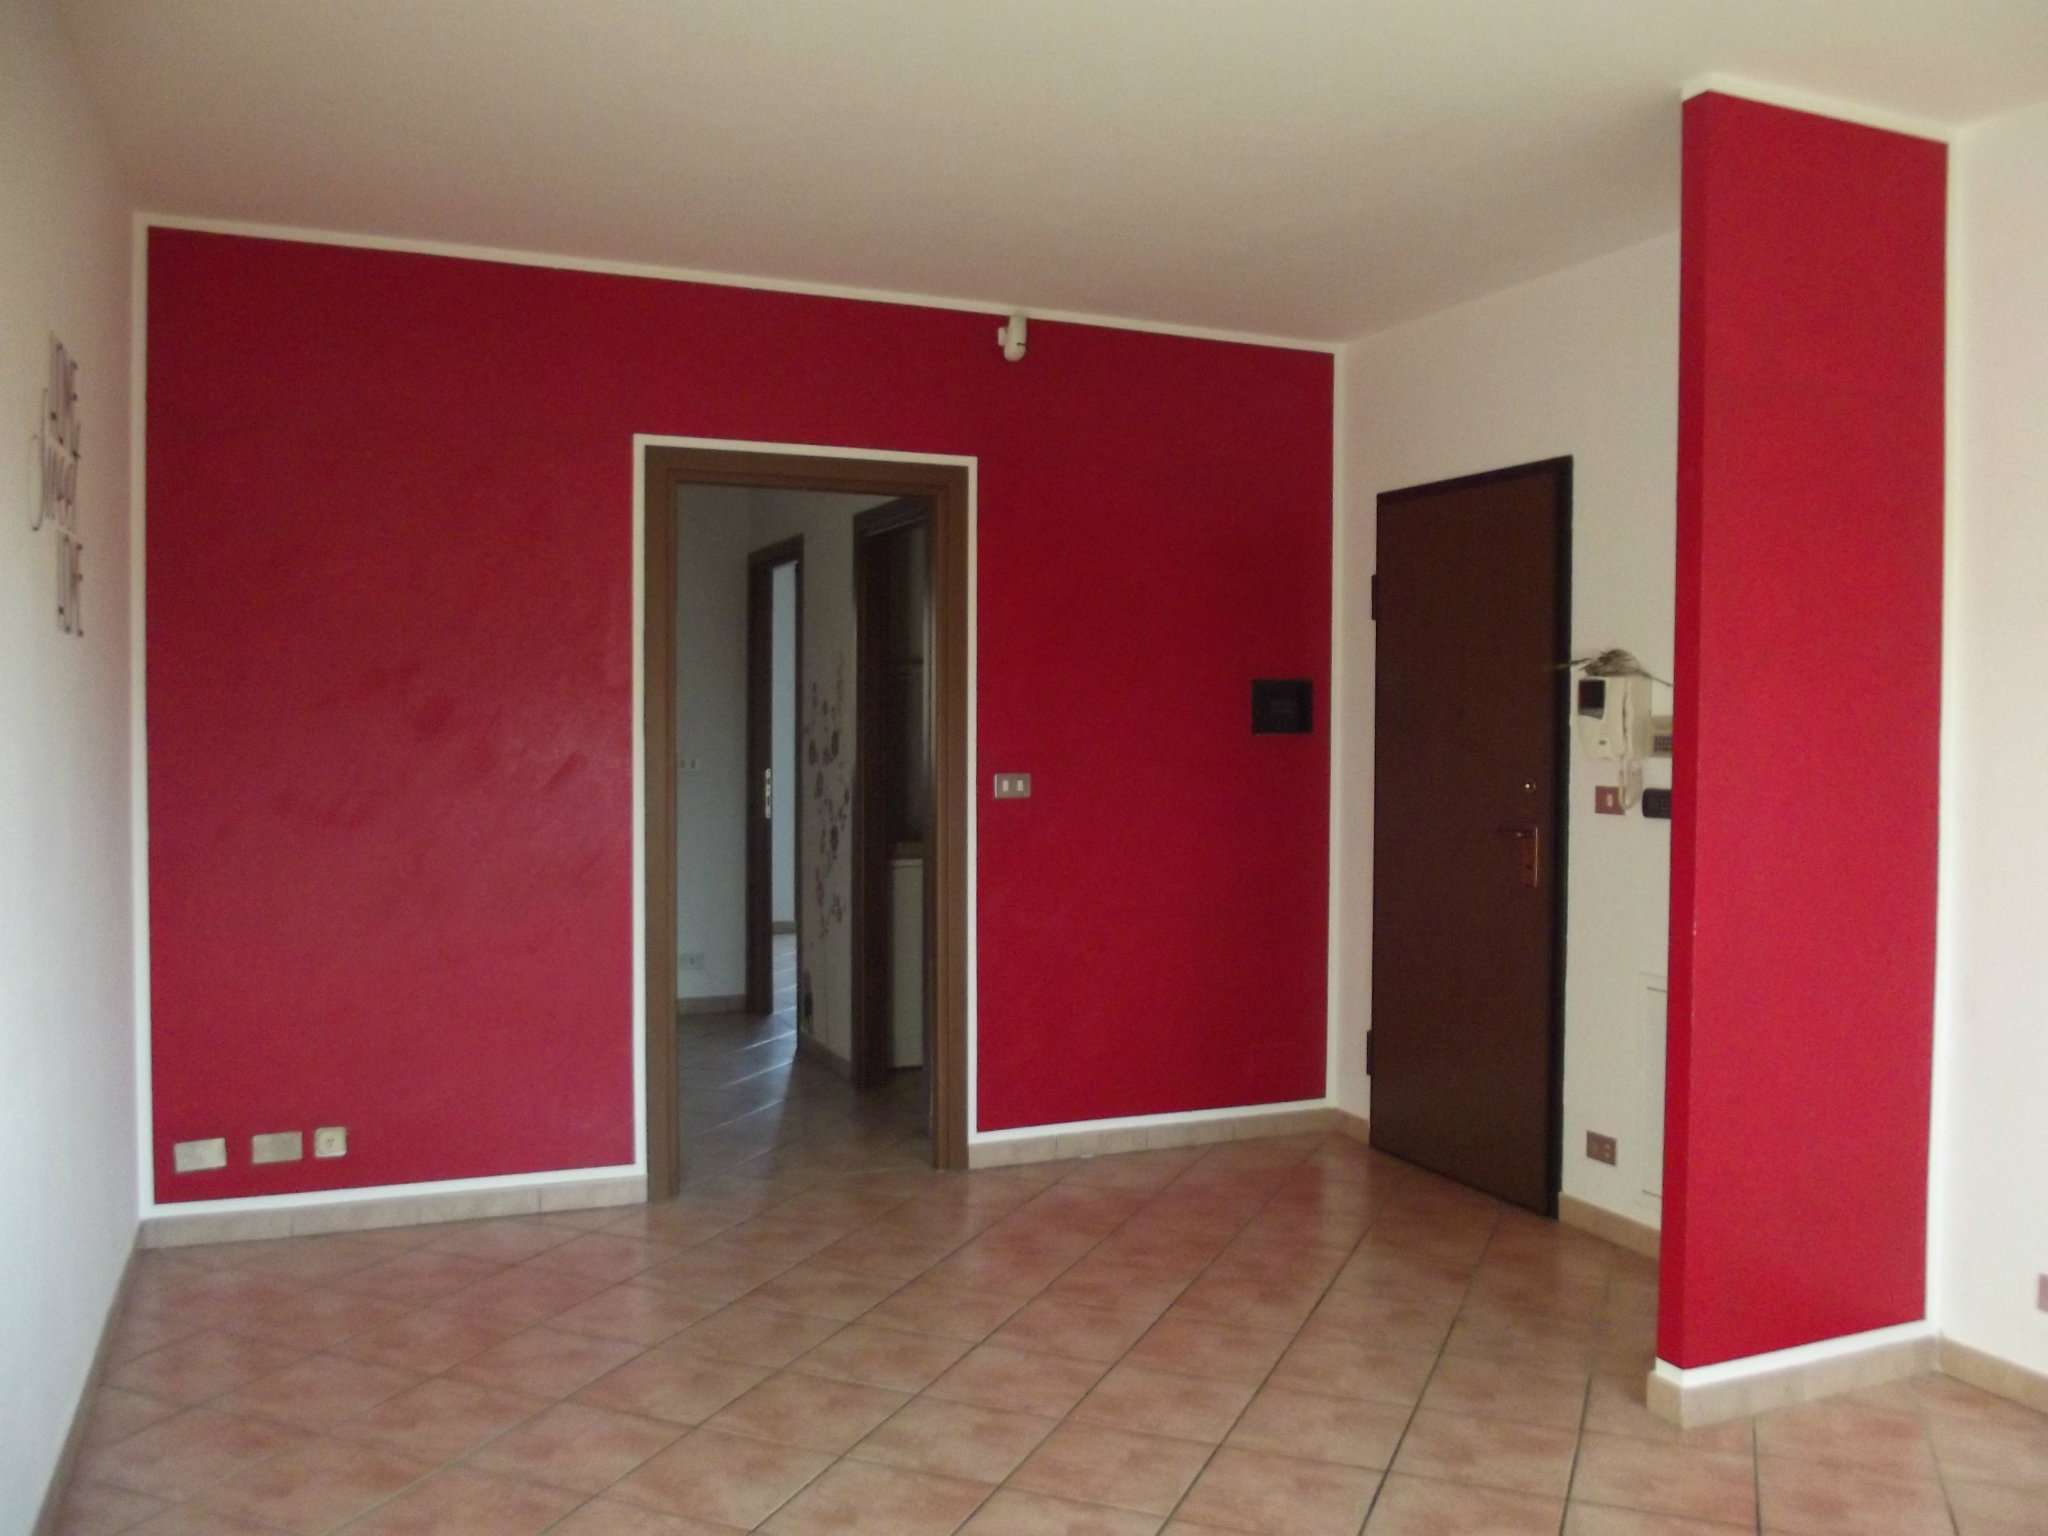 Appartamento in vendita via Erminio Macario 8 Chieri